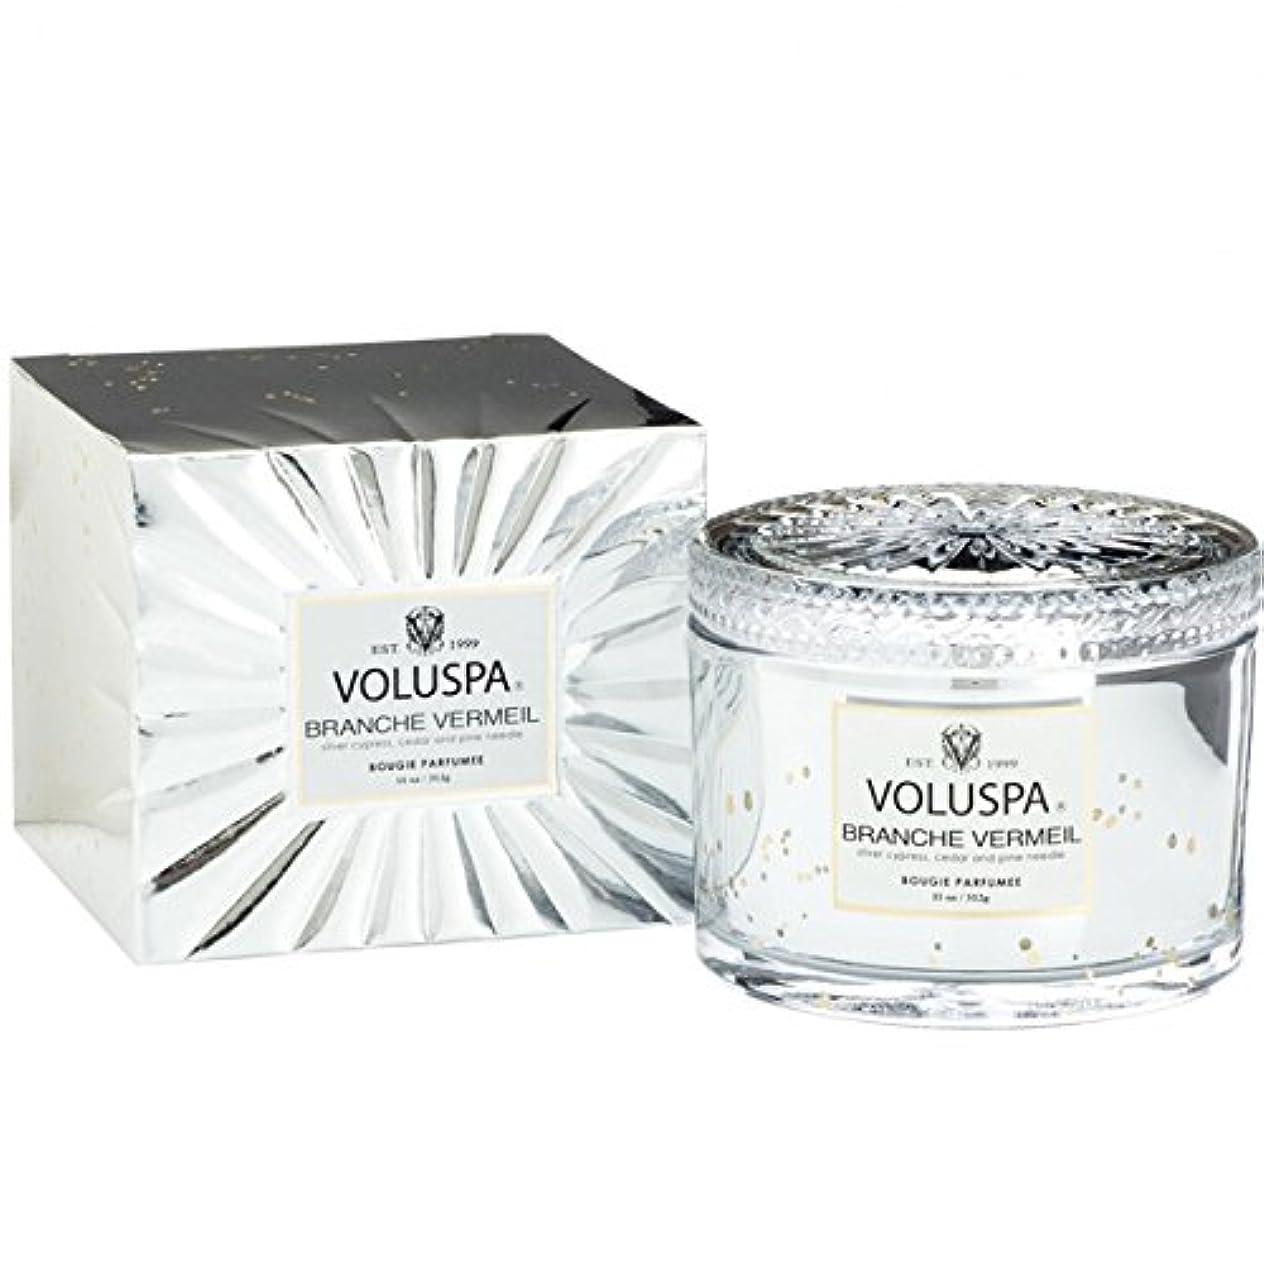 クレータートランジスタ忌まわしいVoluspa ボルスパ ヴァーメイル ボックス入り グラスキャンドル フ?ランチヴァーメイル BRANCHE VERMEIL VERMEIL BOX Glass Candle